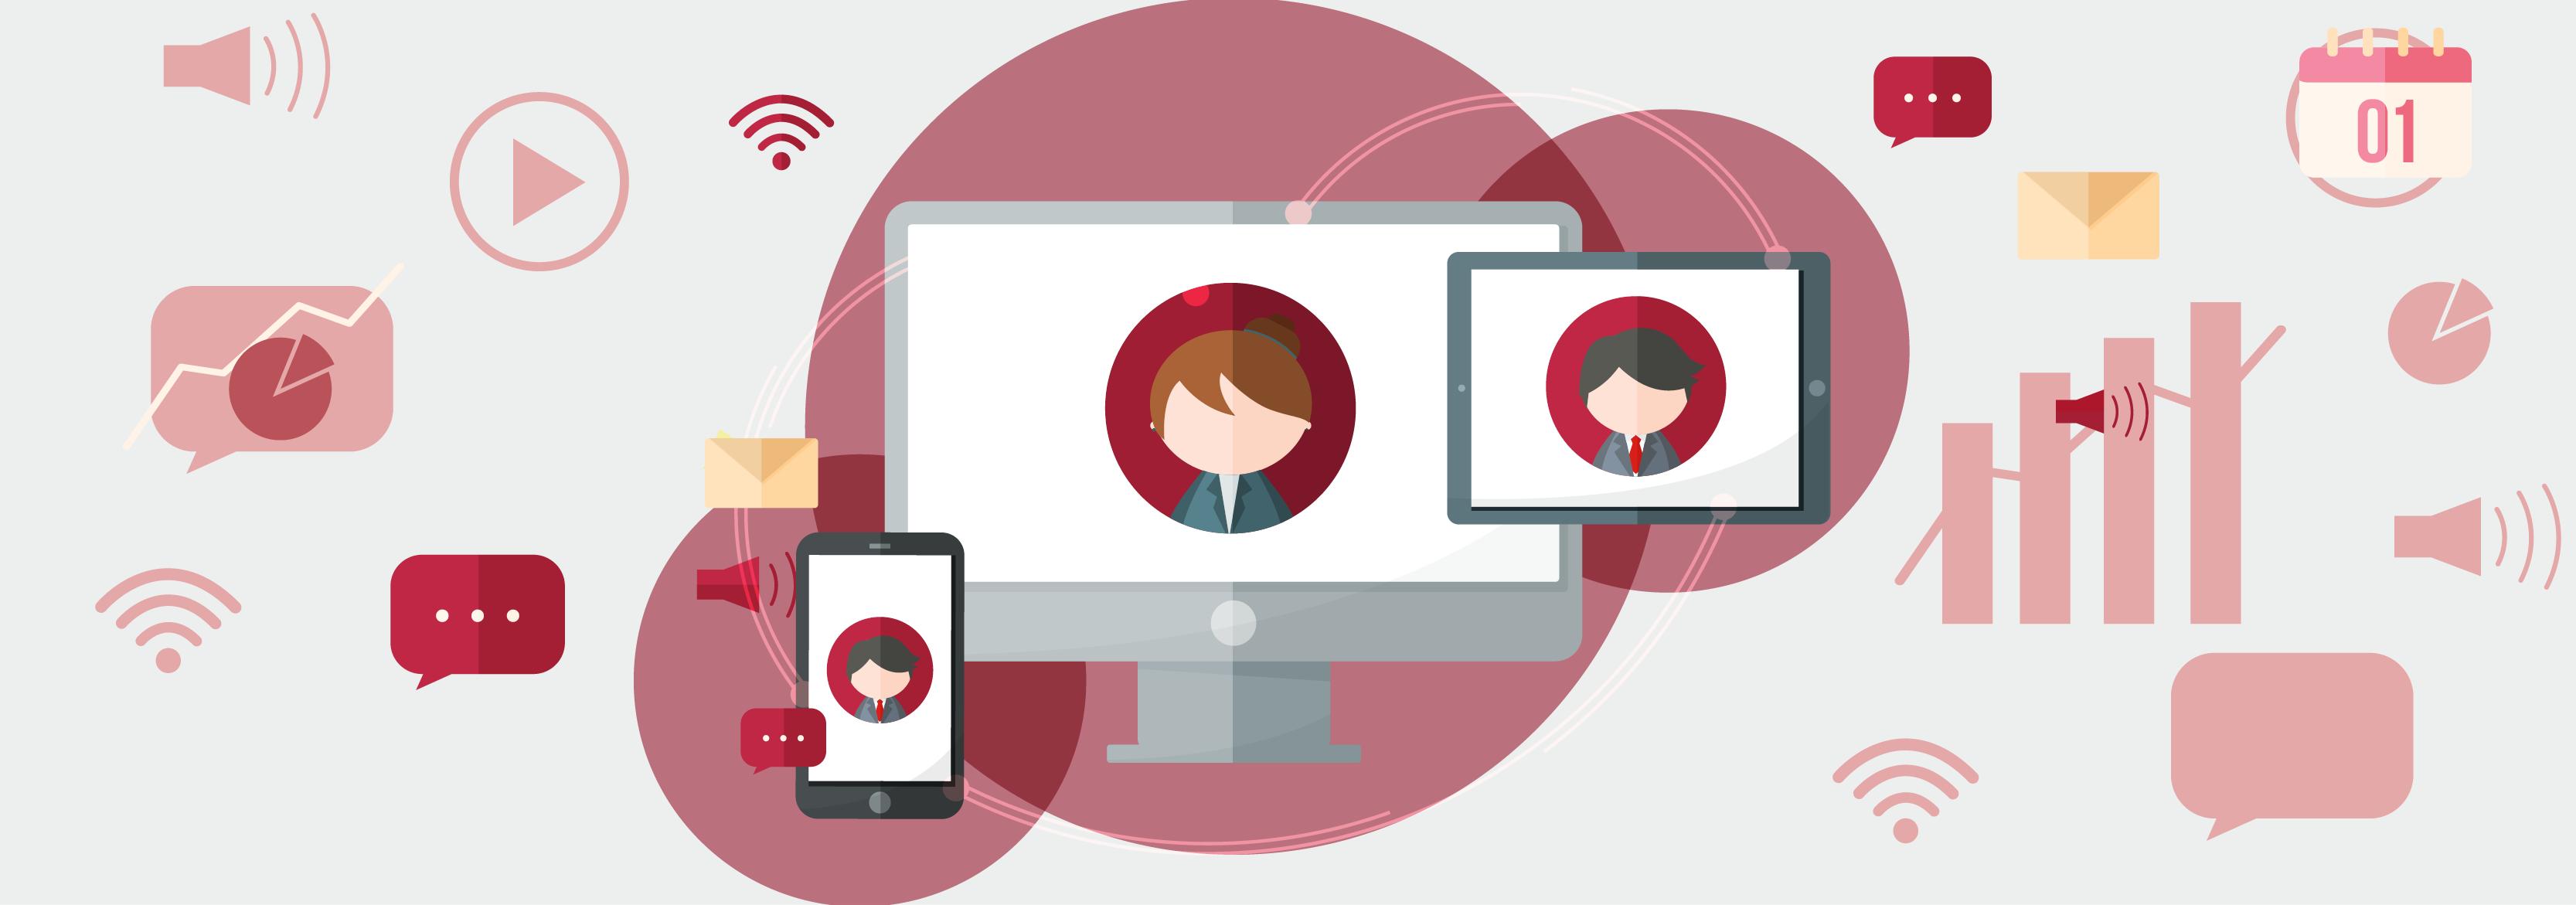 Friday's Skillbox webinars: freelancing and programming